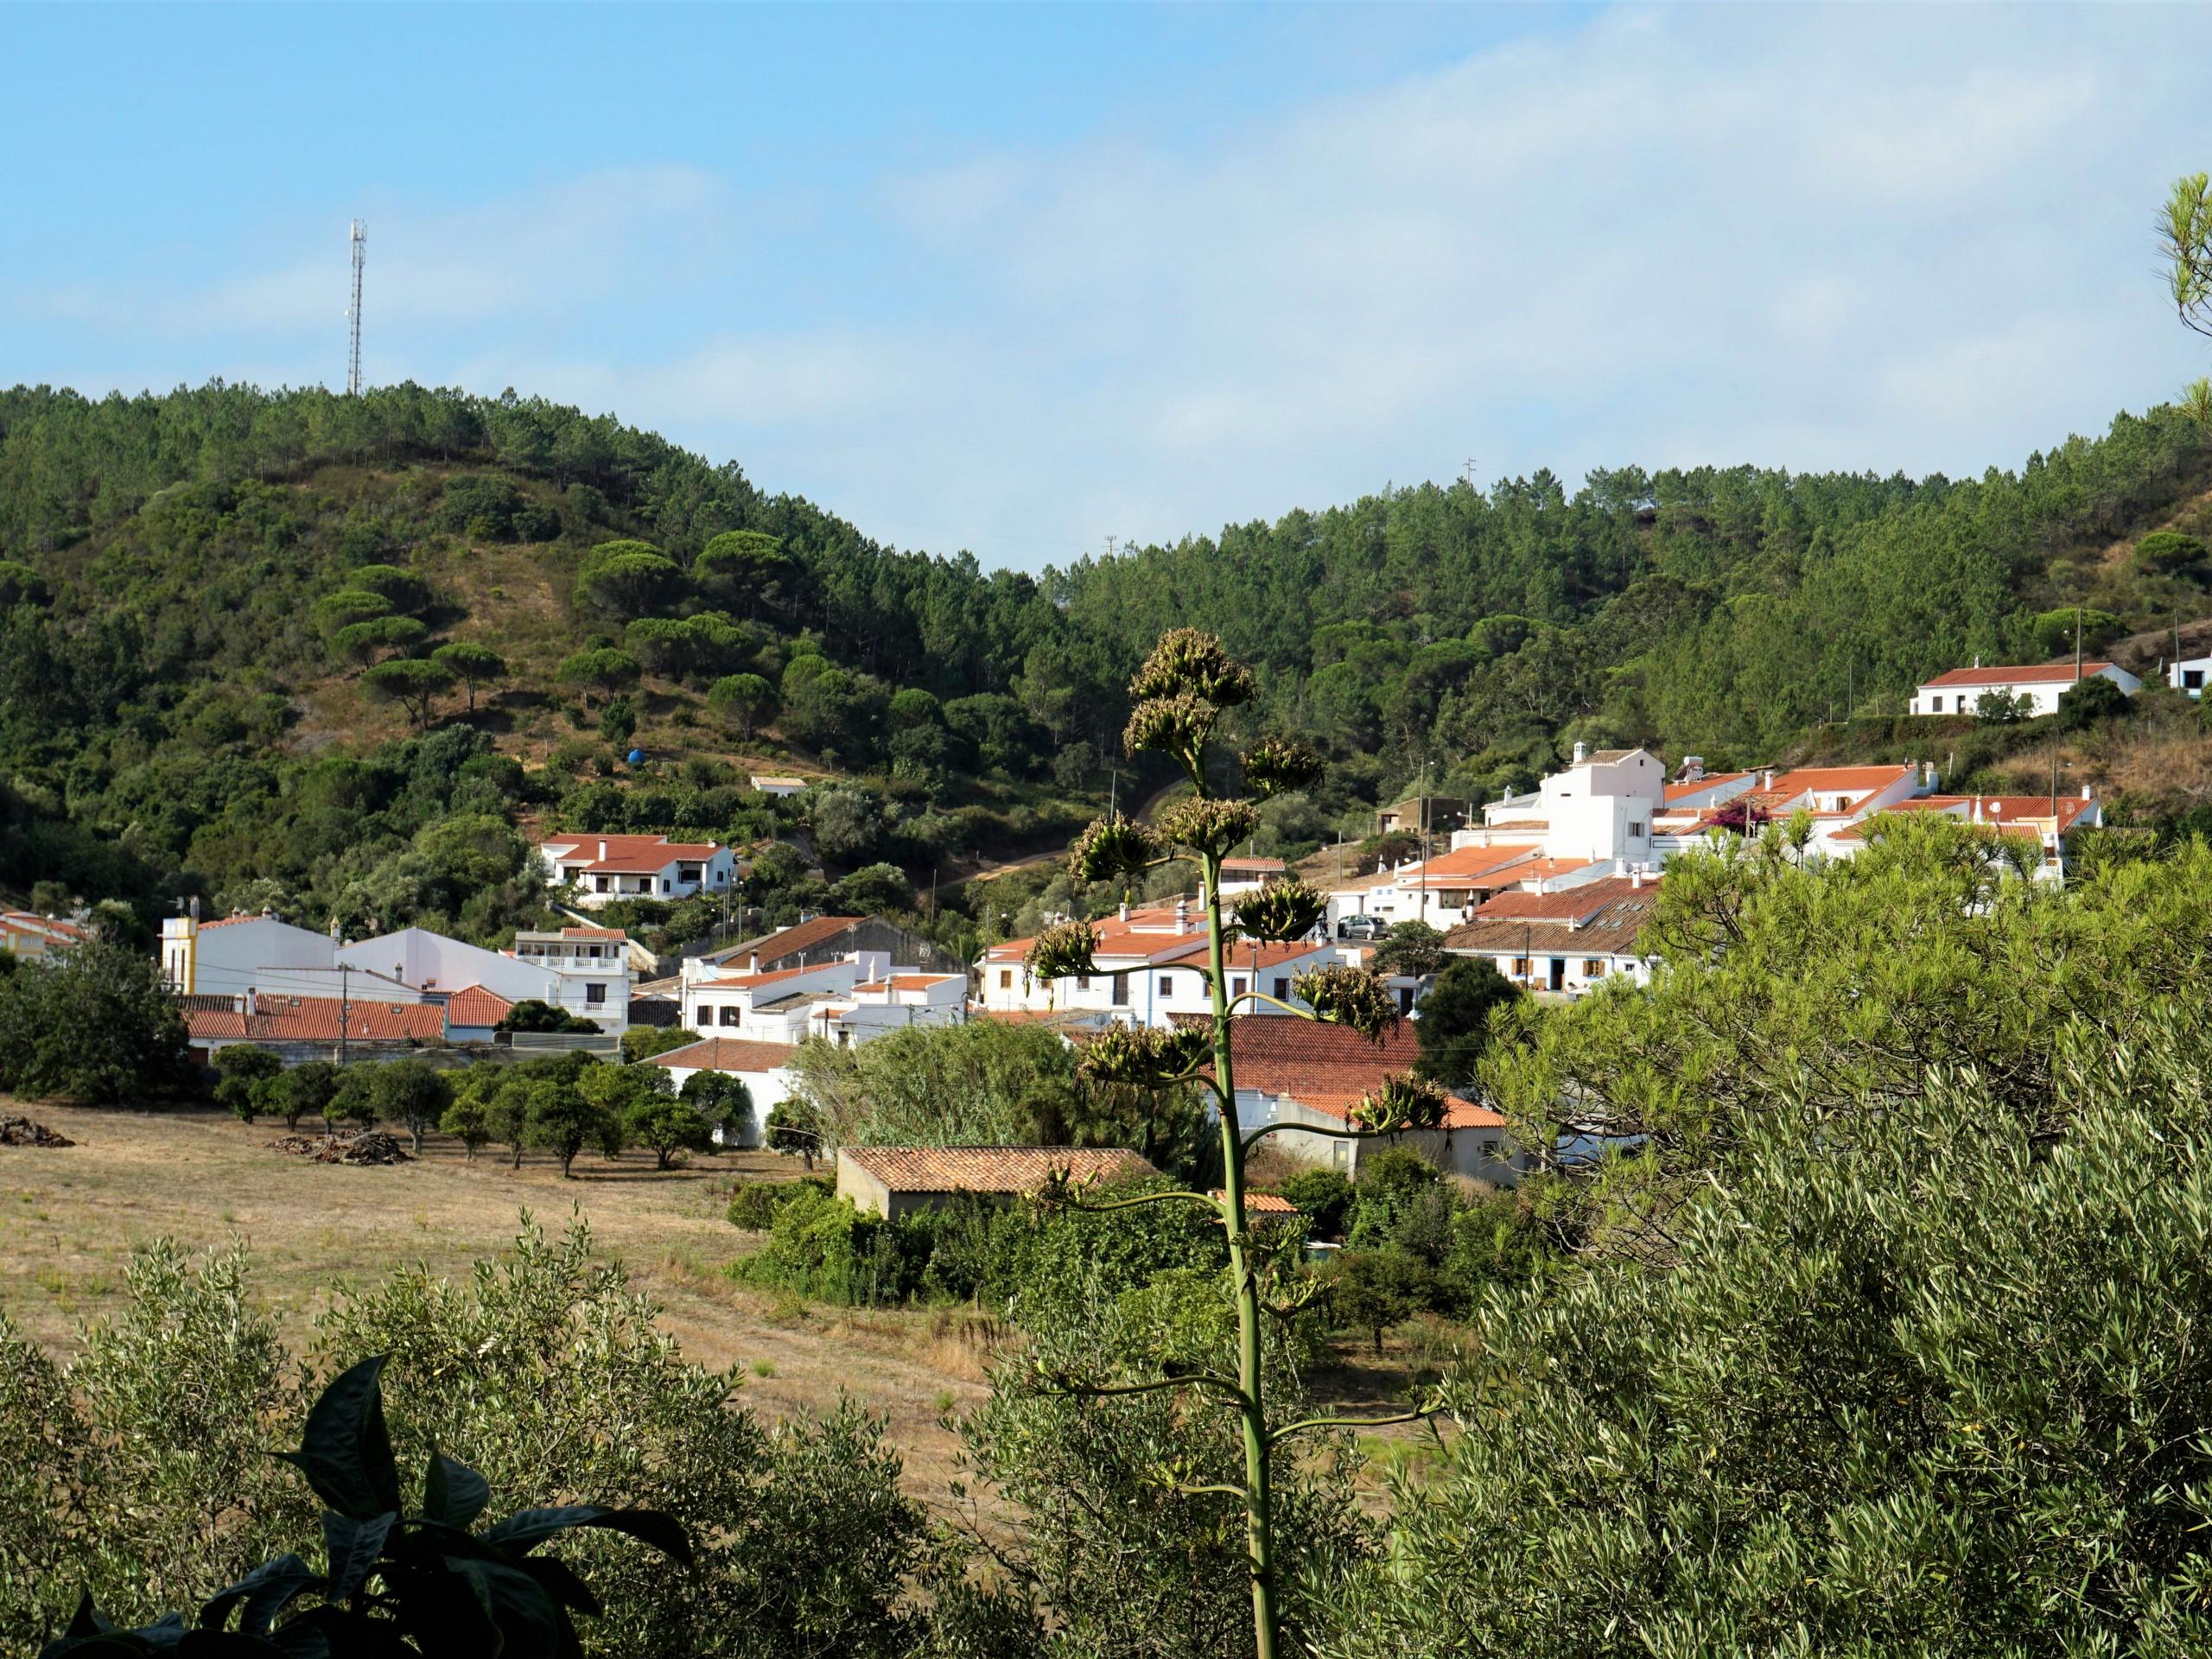 Bordeira in Portugal